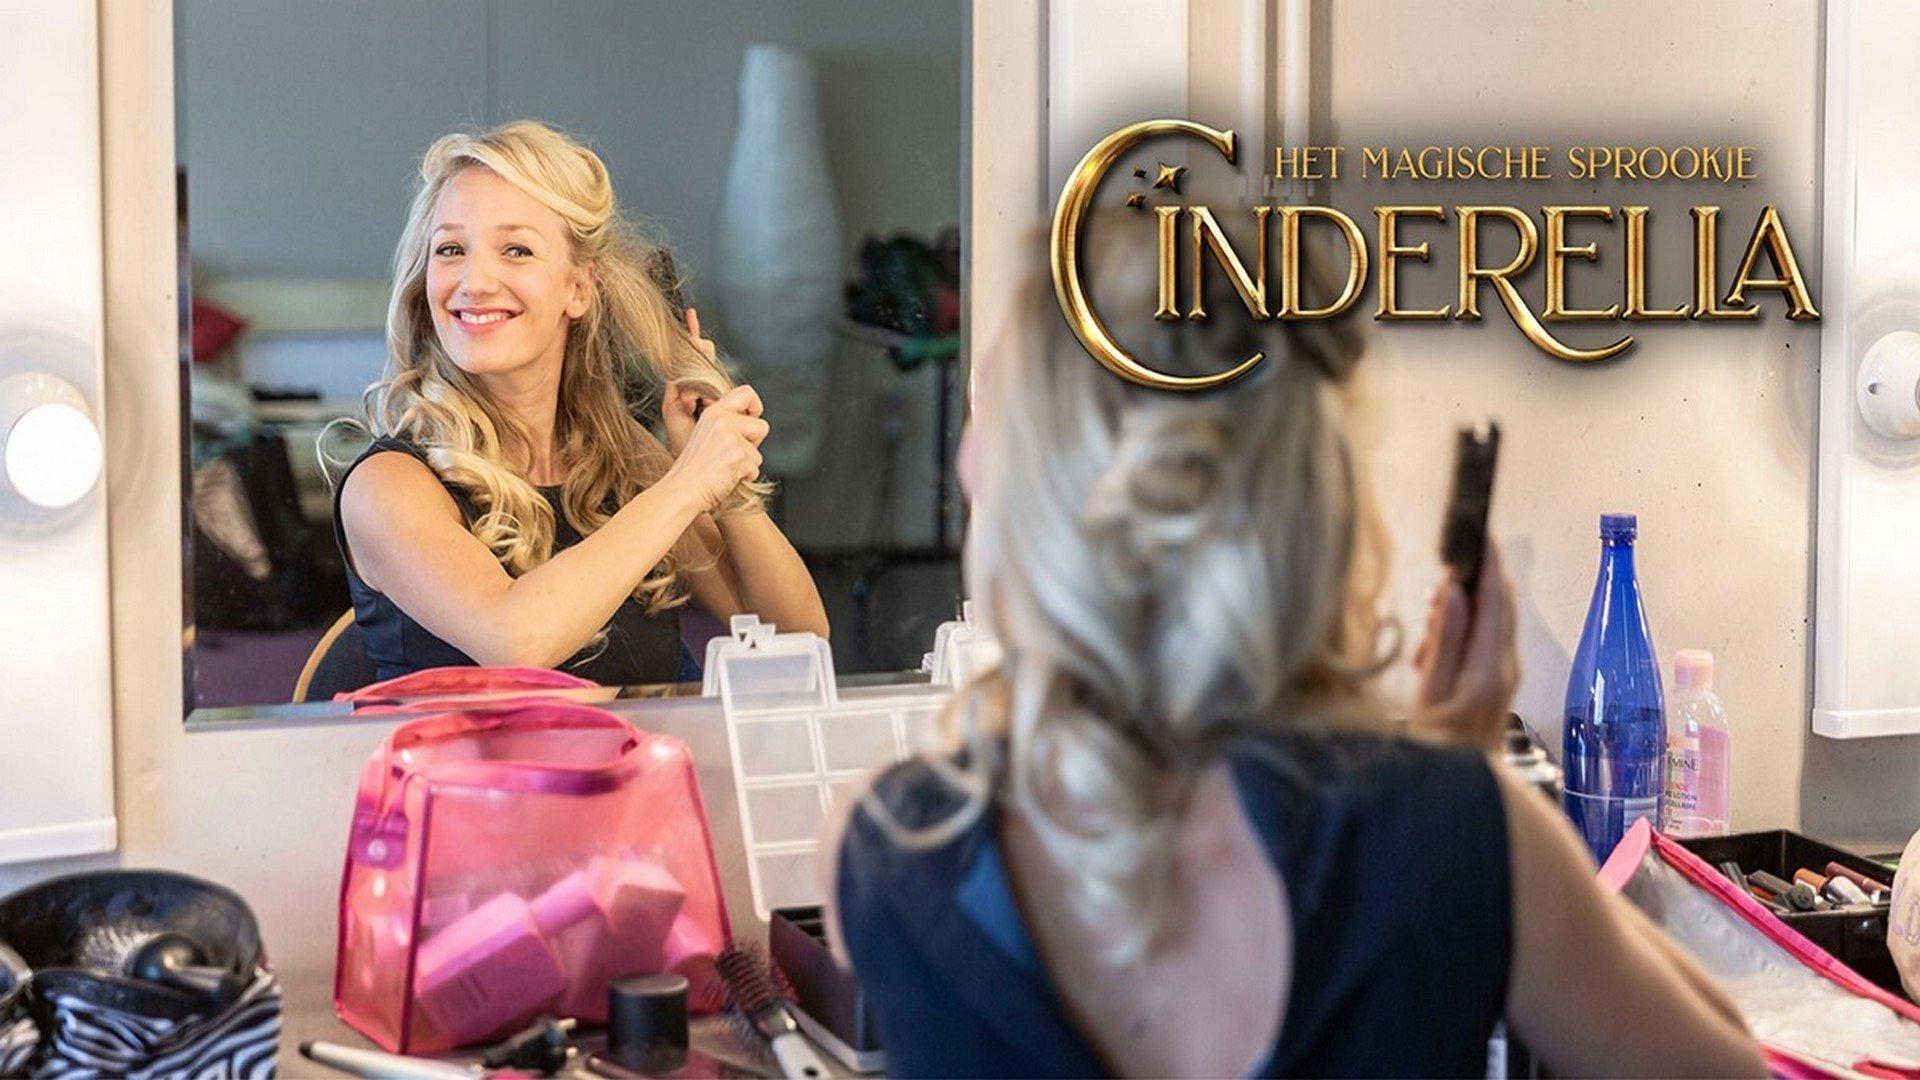 Music Hall presenteert magisch sprookje 'Cinderella' - Cinderella 2